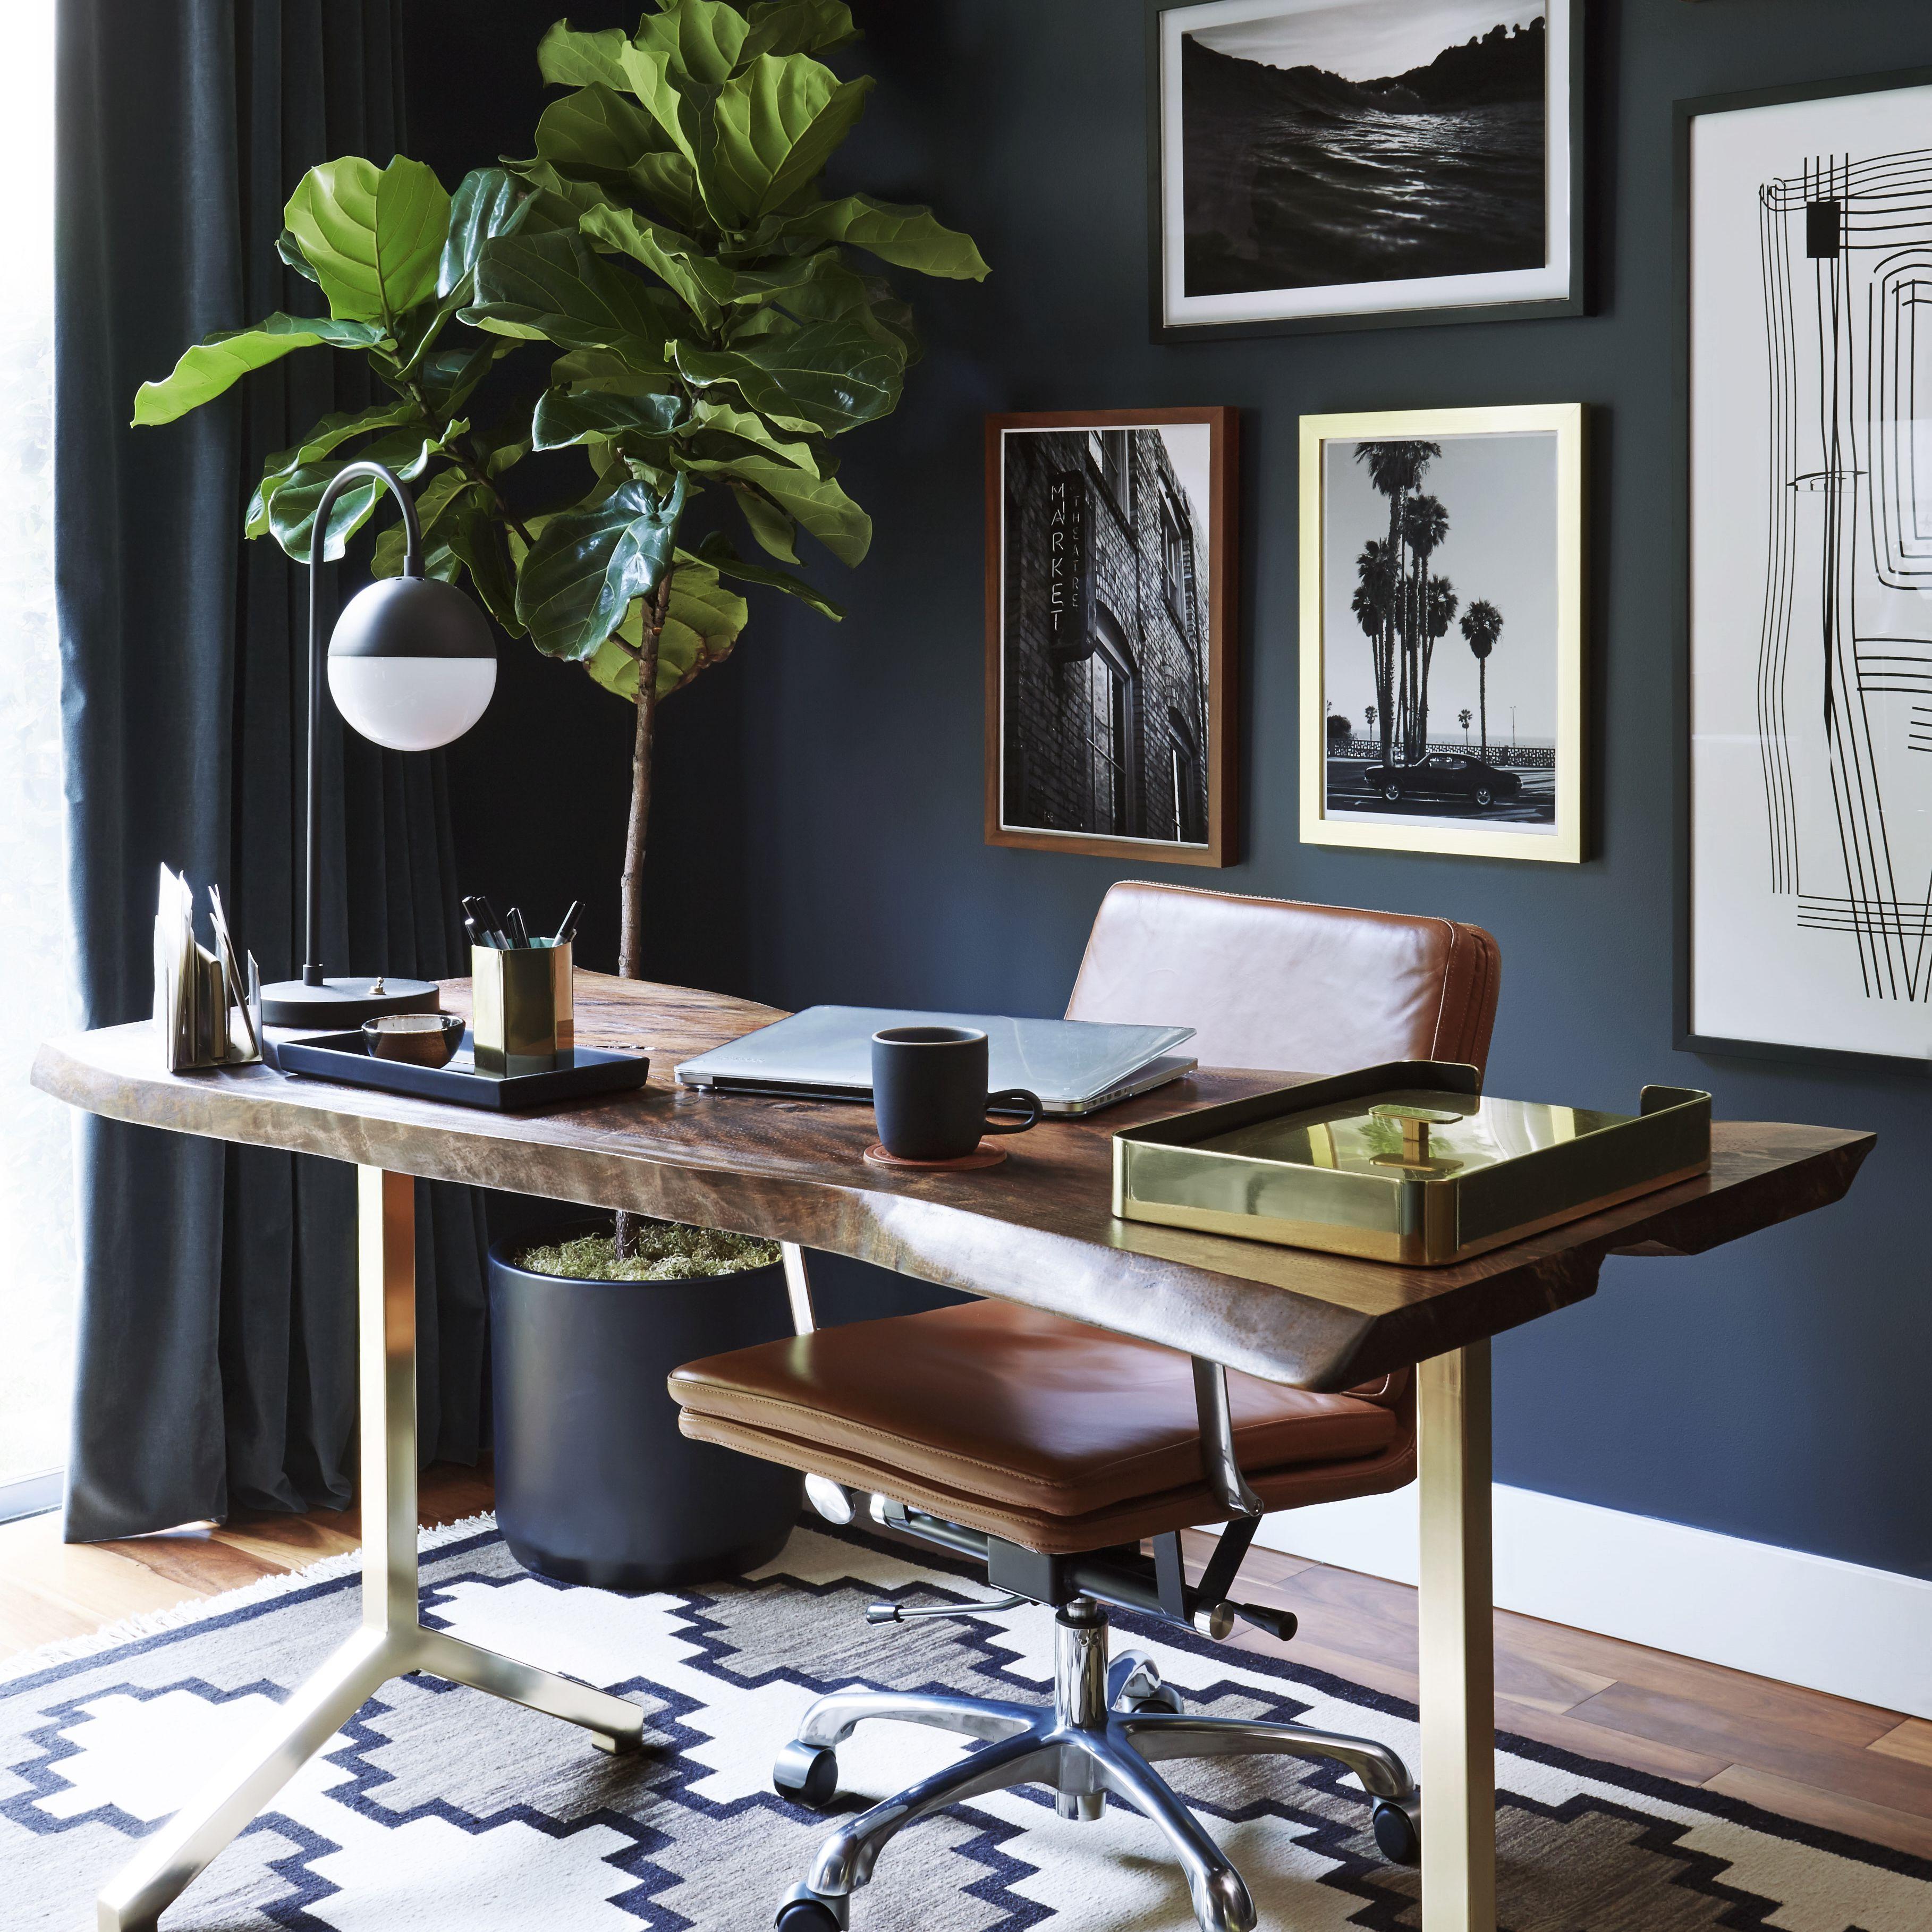 7 Feng Shui Home Office Design Ideas